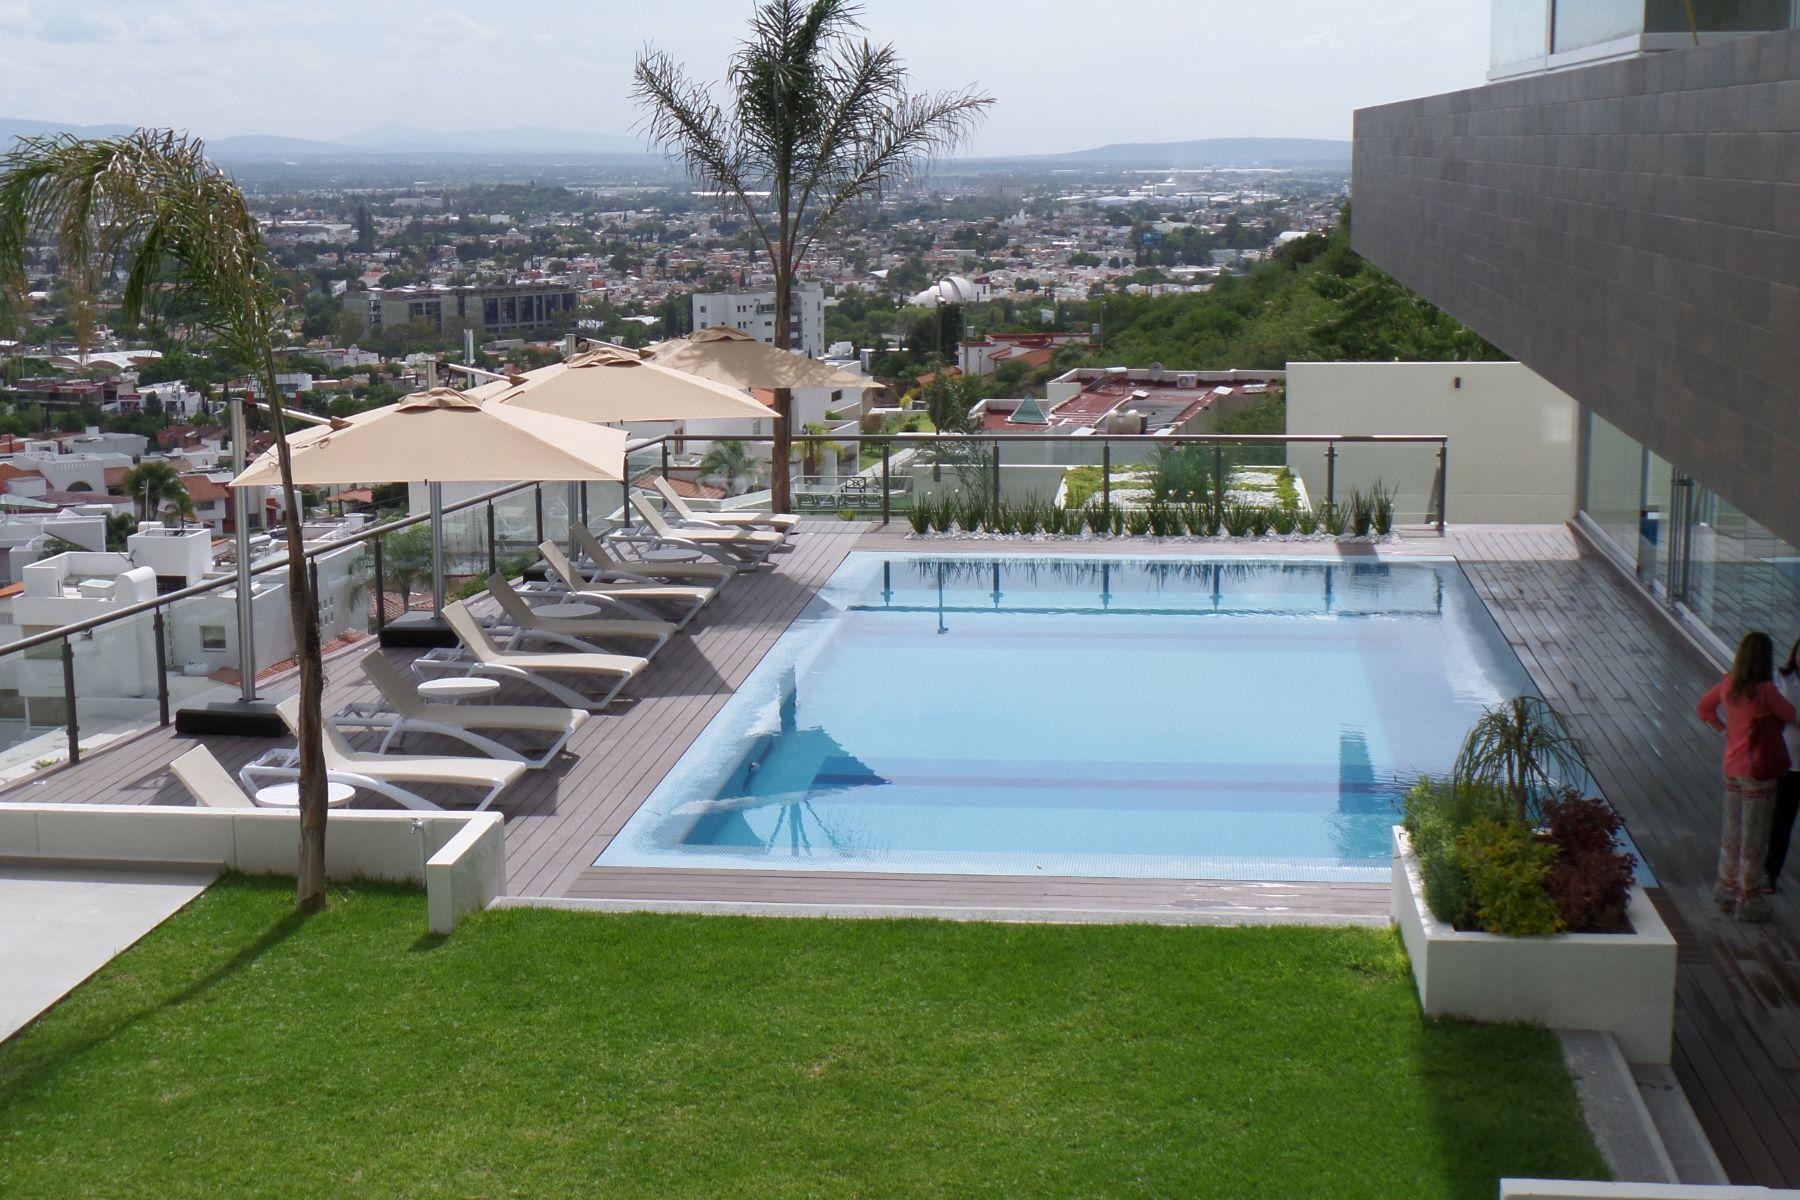 Casa Unifamiliar por un Alquiler en Campanario Elite 62 Querétaro, Querétaro México